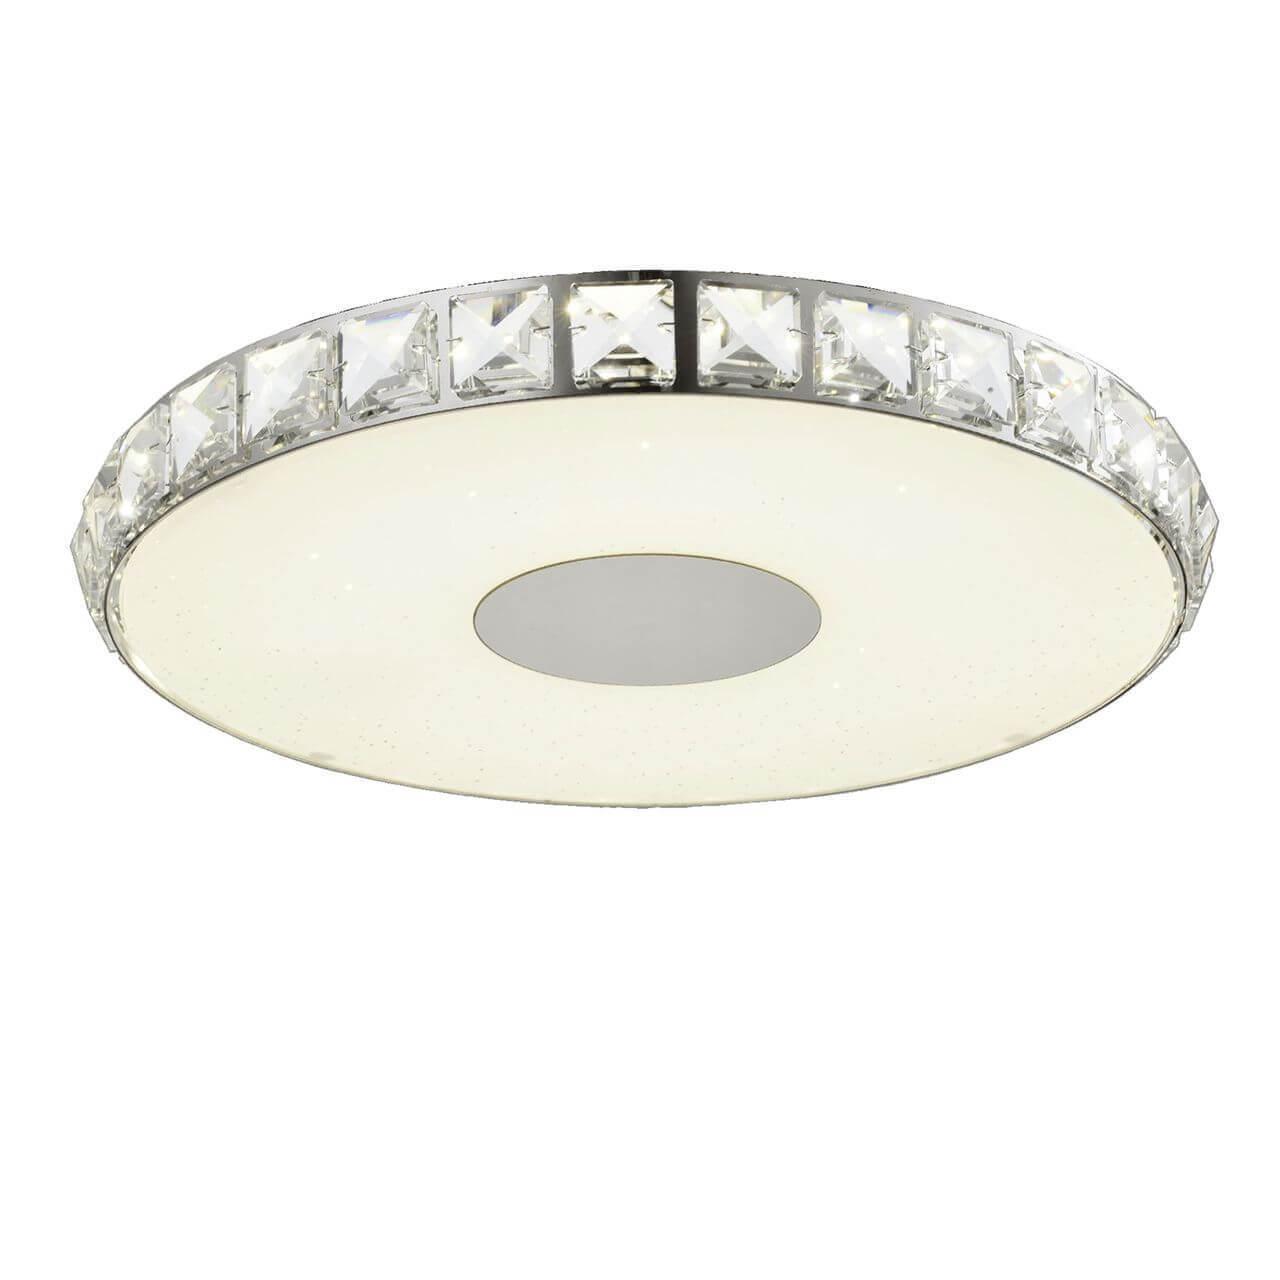 цена на Потолочный светодиодный светильник ST Luce Impato SL821.112.01